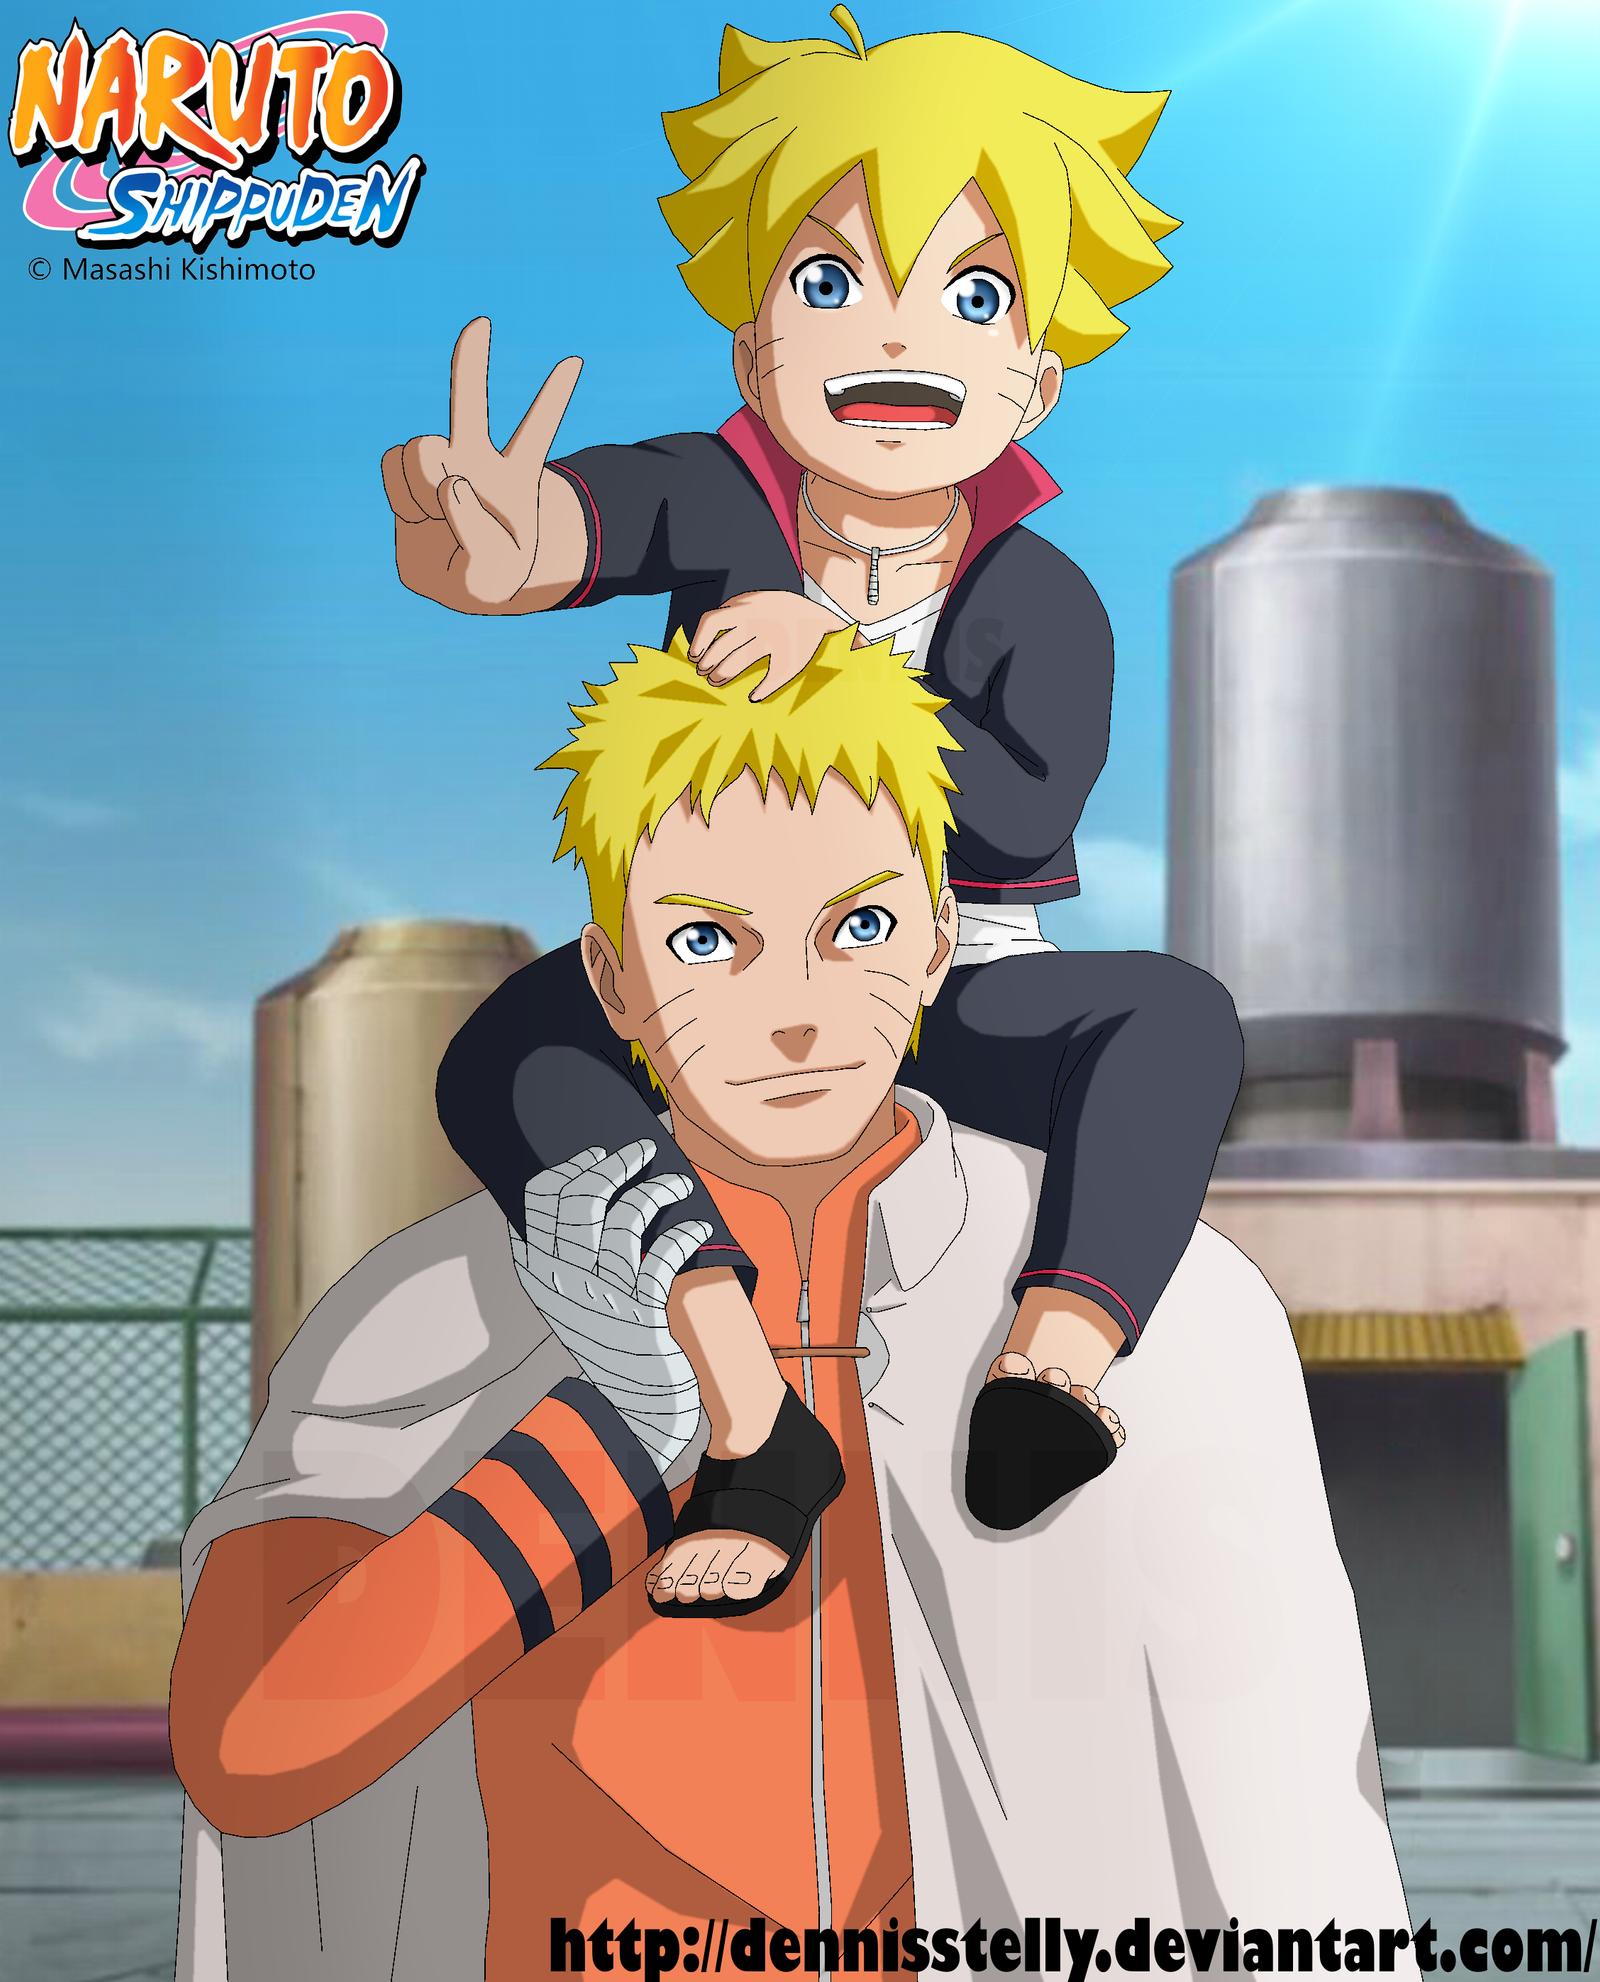 Nueva Pelicula Sobre el Hijo de Naruto llegara este 2015